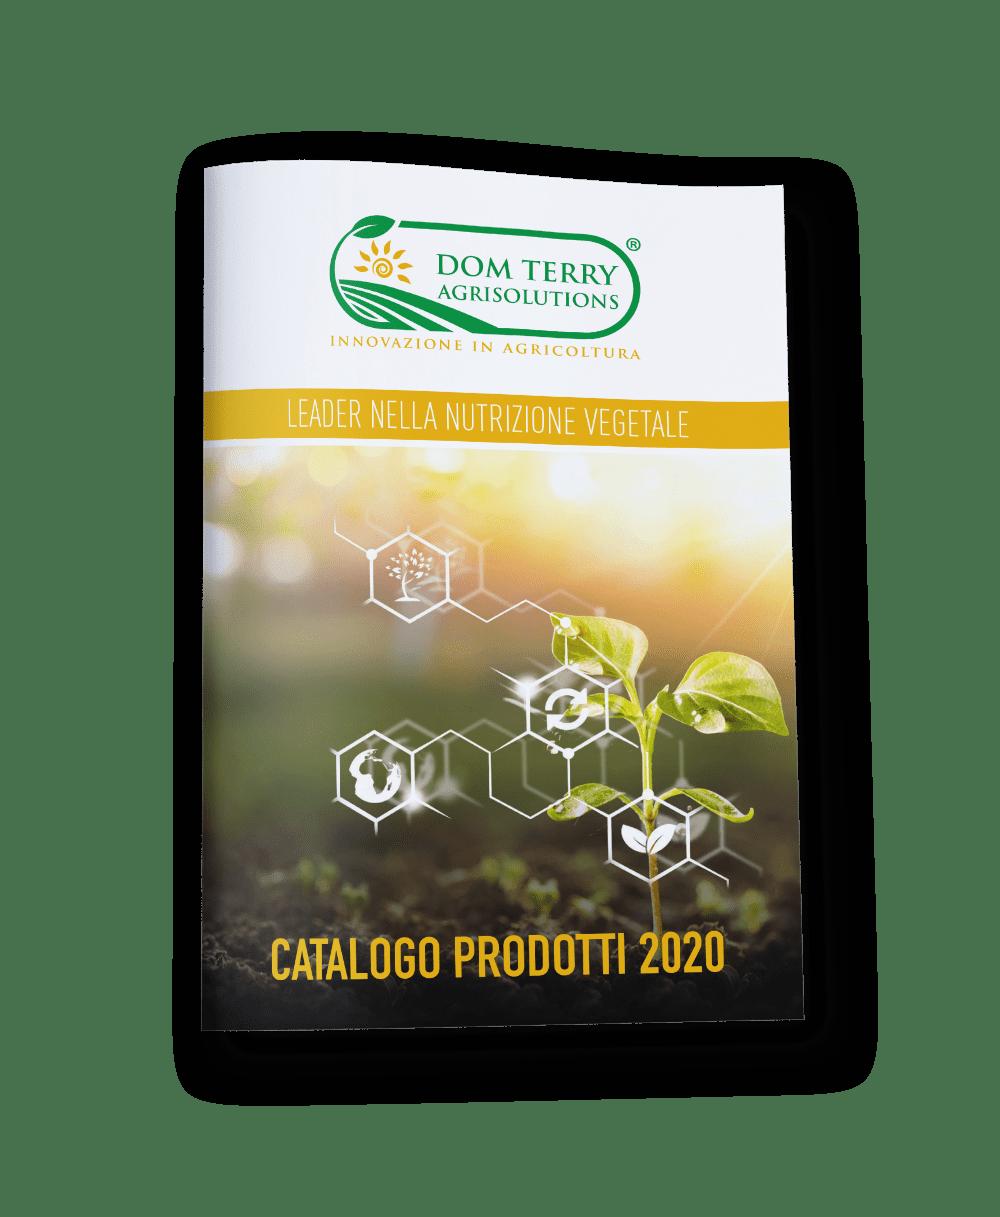 Catalogo e Brochure prodotti 2020 Dom Terry Agrisolutions